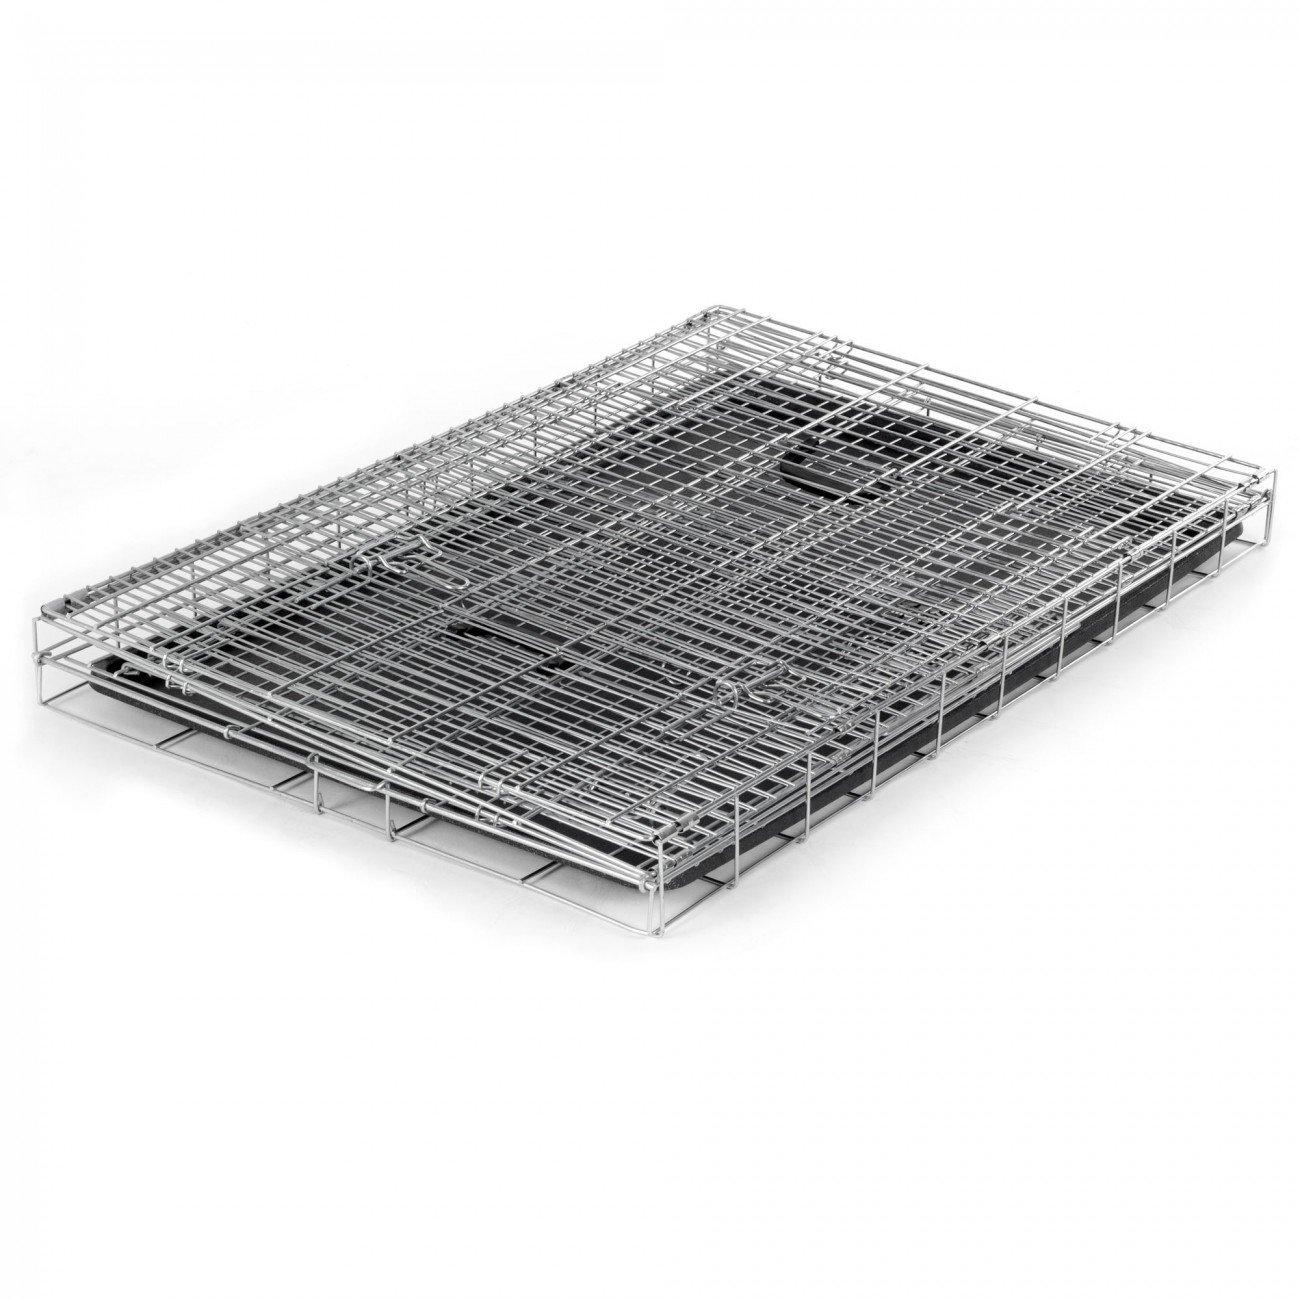 zoomundo Altezza XL Gabbia Metallo Pieghevole per Cani Viaggio Cucciolo Gabbia Animali Trasportino Richiudibile 2 porte